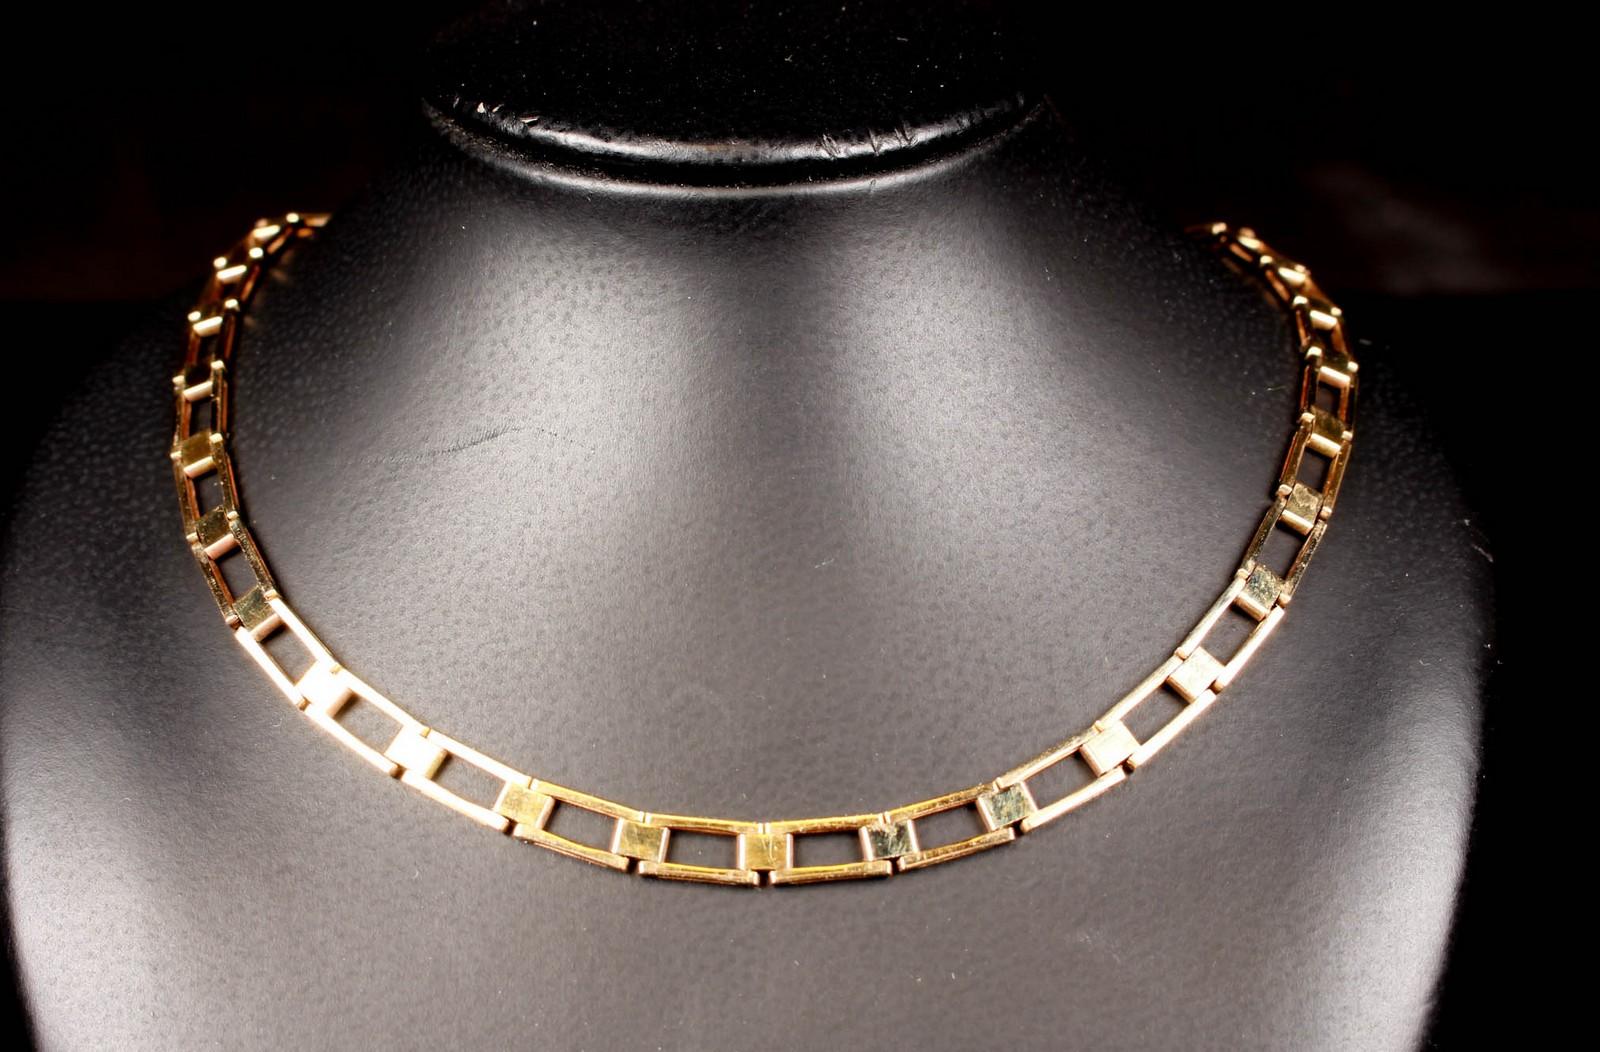 Halskæde fra Scandia Affinerings Værk af 8kt. guld - Halskæde fra Scandia Affinerings Værk af 8kt. guld. lukke med kasselås samt to sikkerheds hasper. Der medfølger et guldstykke til forlængelse af kæden. 4.4 cm. Vægt: 14.9 gram. Længde : 39 cm Bredde: 4.6 cm